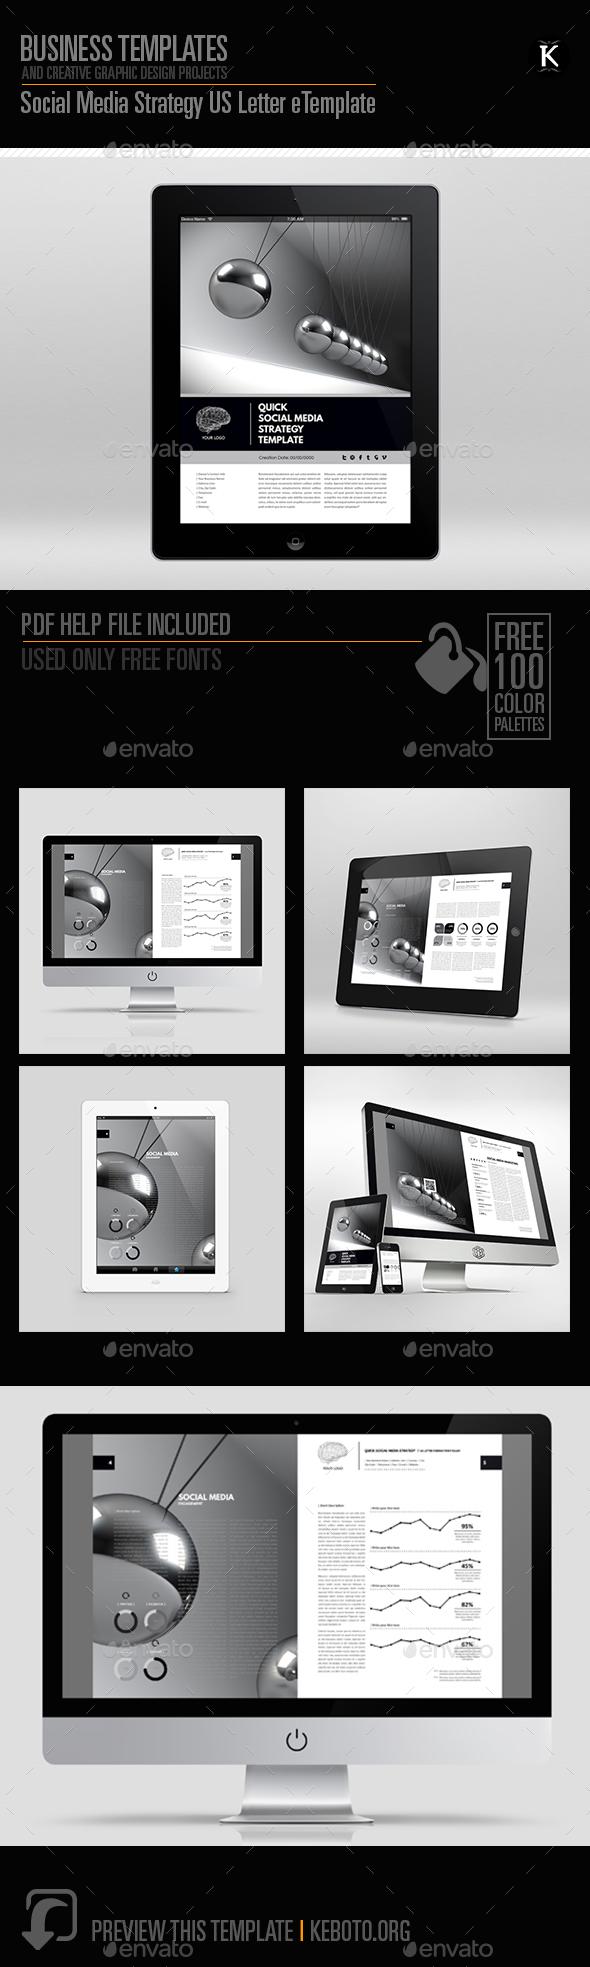 social media strategy us letter etemplate by keboto graphicriver. Black Bedroom Furniture Sets. Home Design Ideas